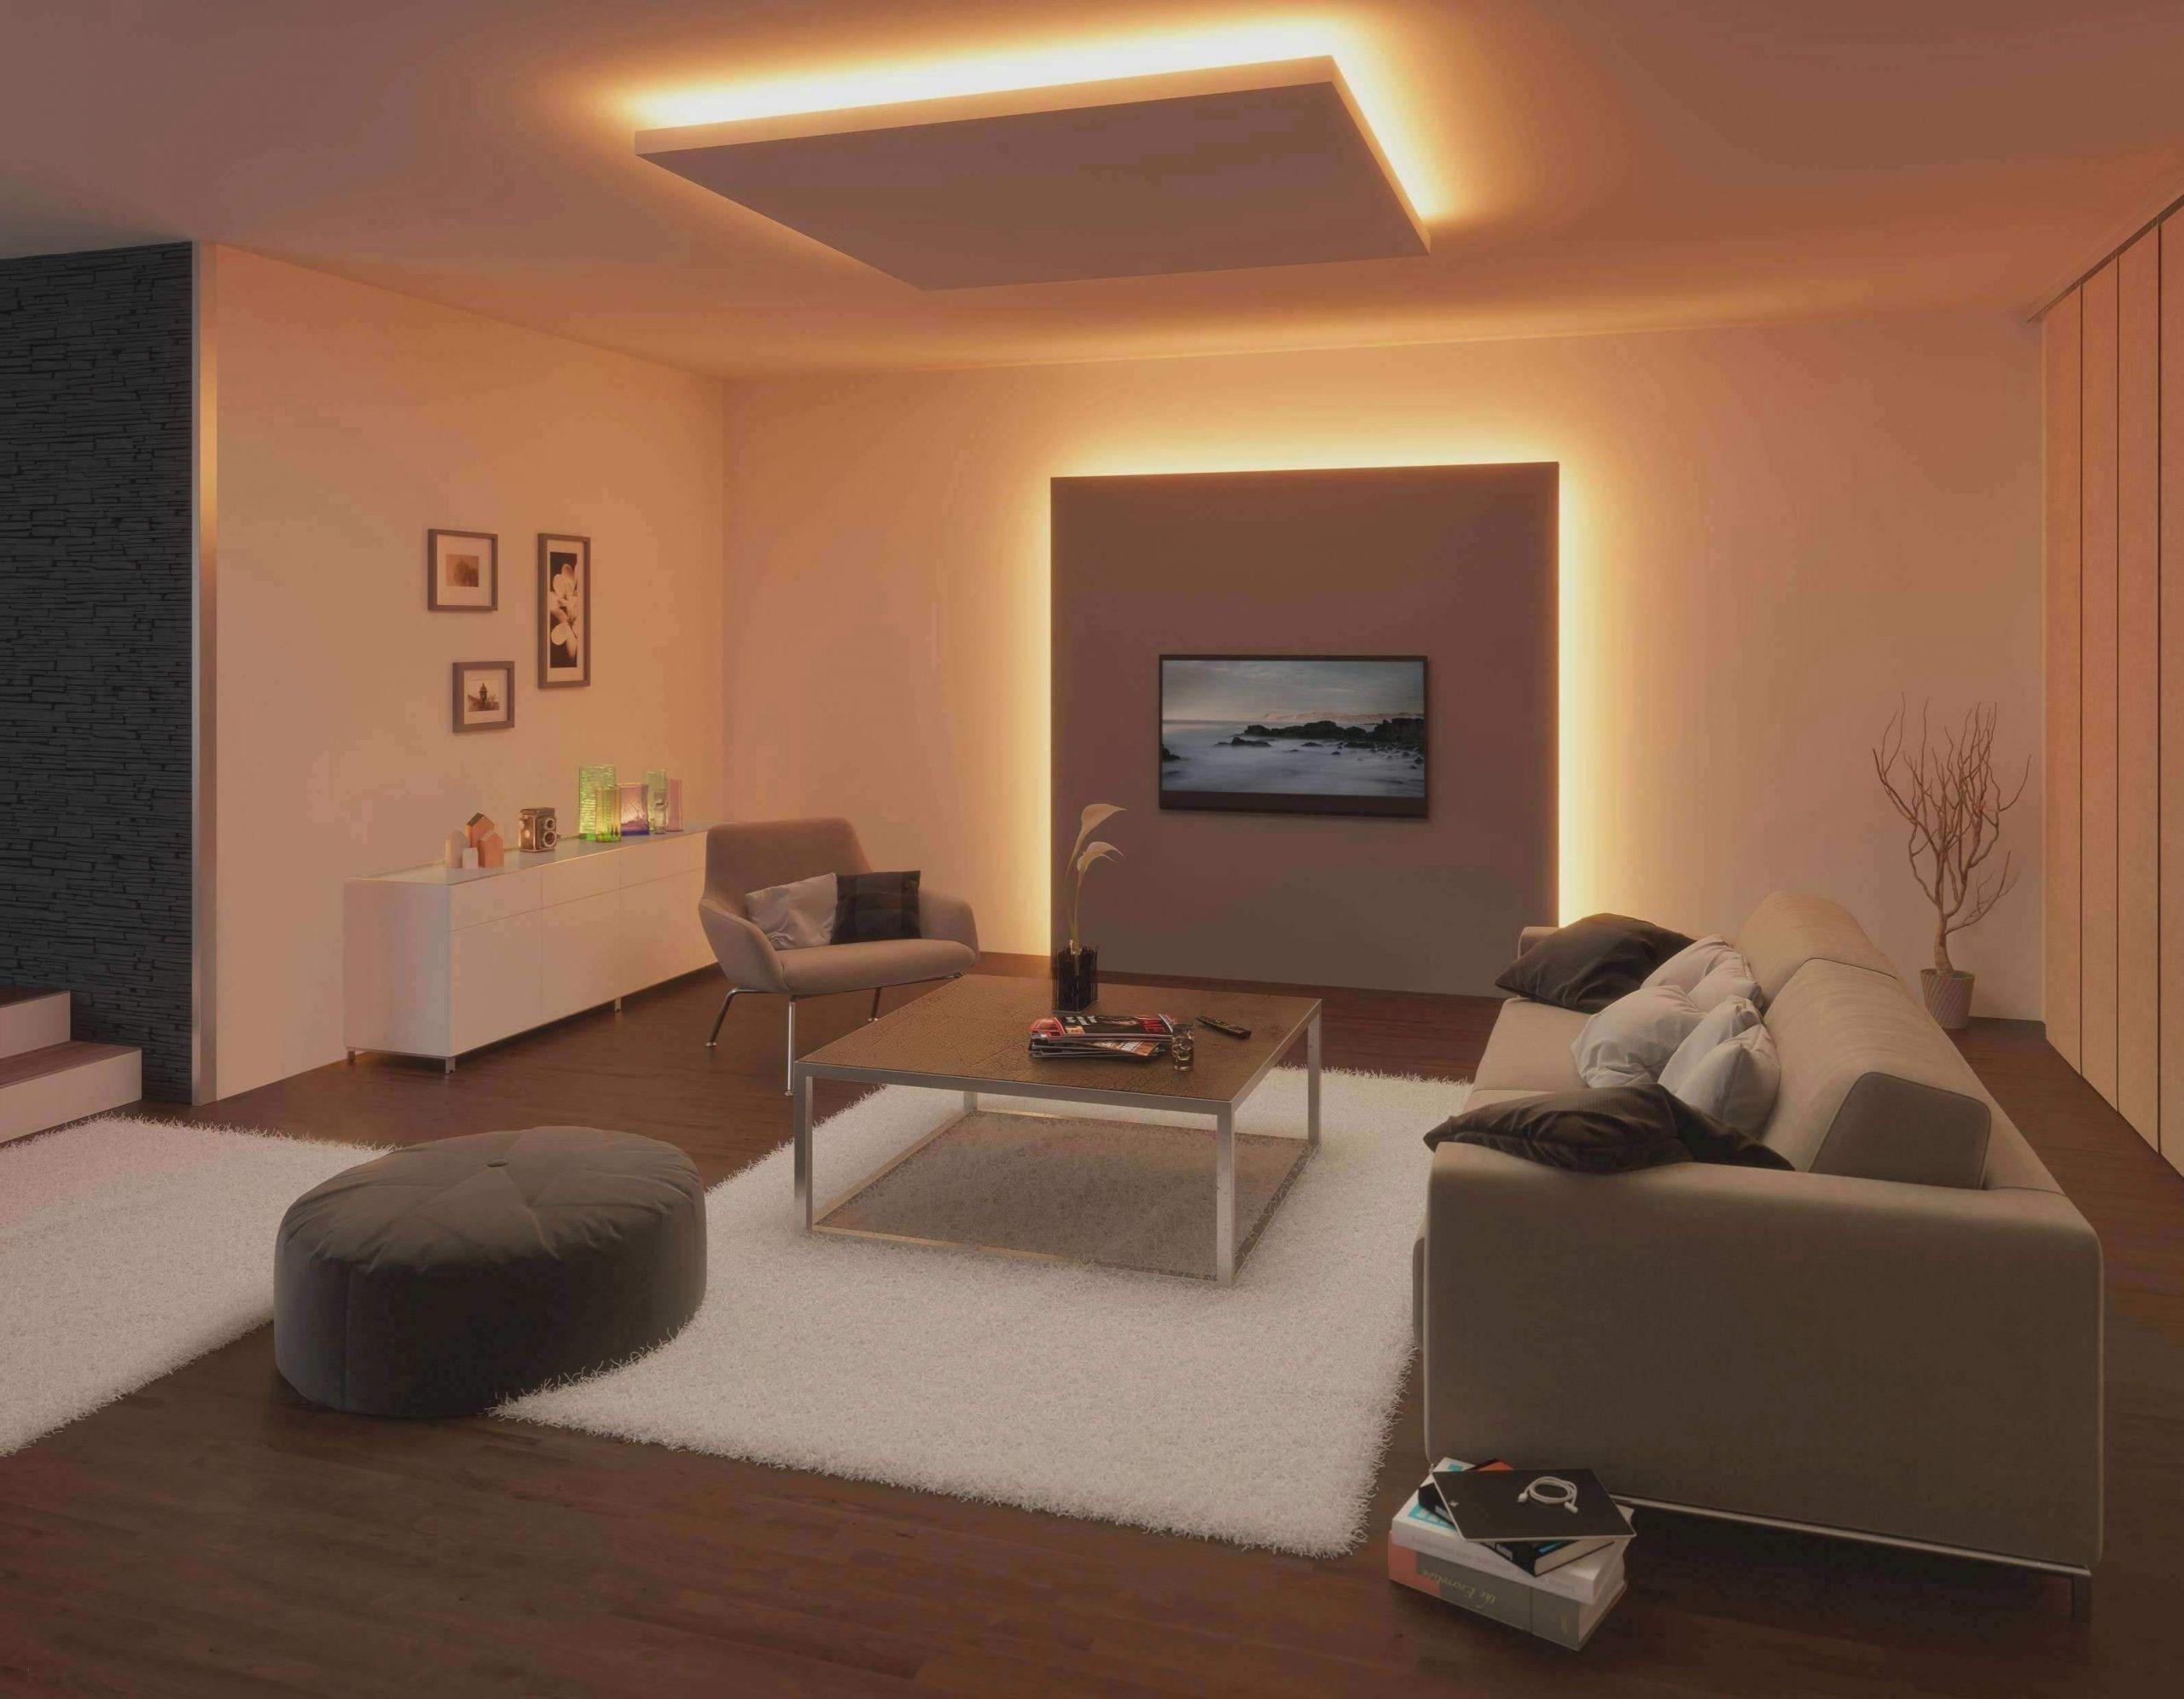 Deko Ideen Für Den Garten Elegant 36 Inspirierend Ideen Für Wohnzimmer Genial